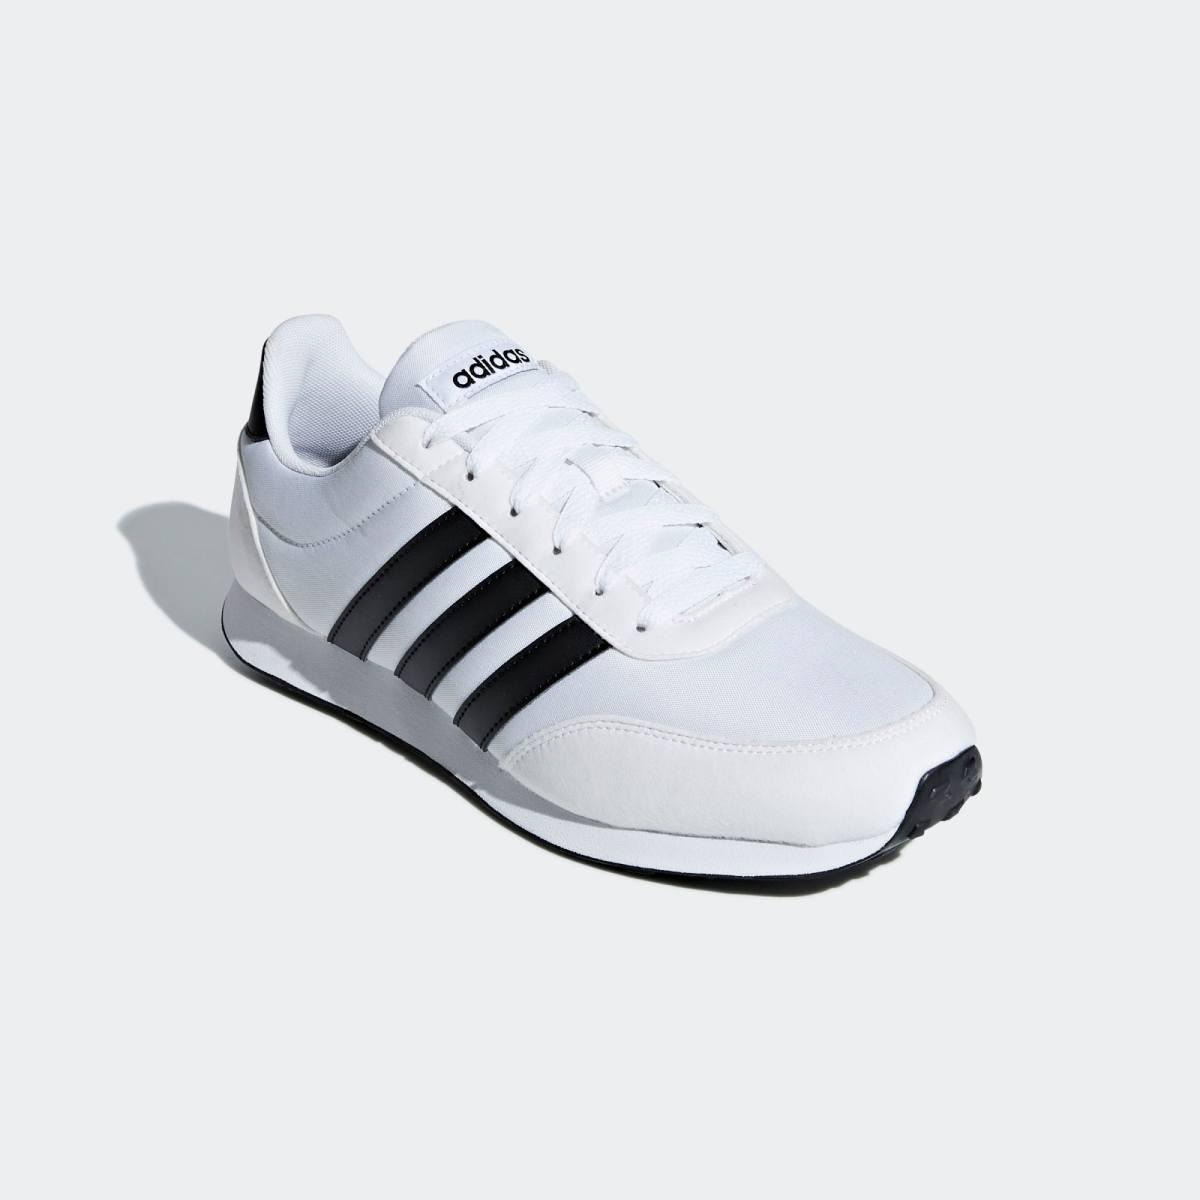 V_Racer_2.0_Shoes_White_B75796_04_standard